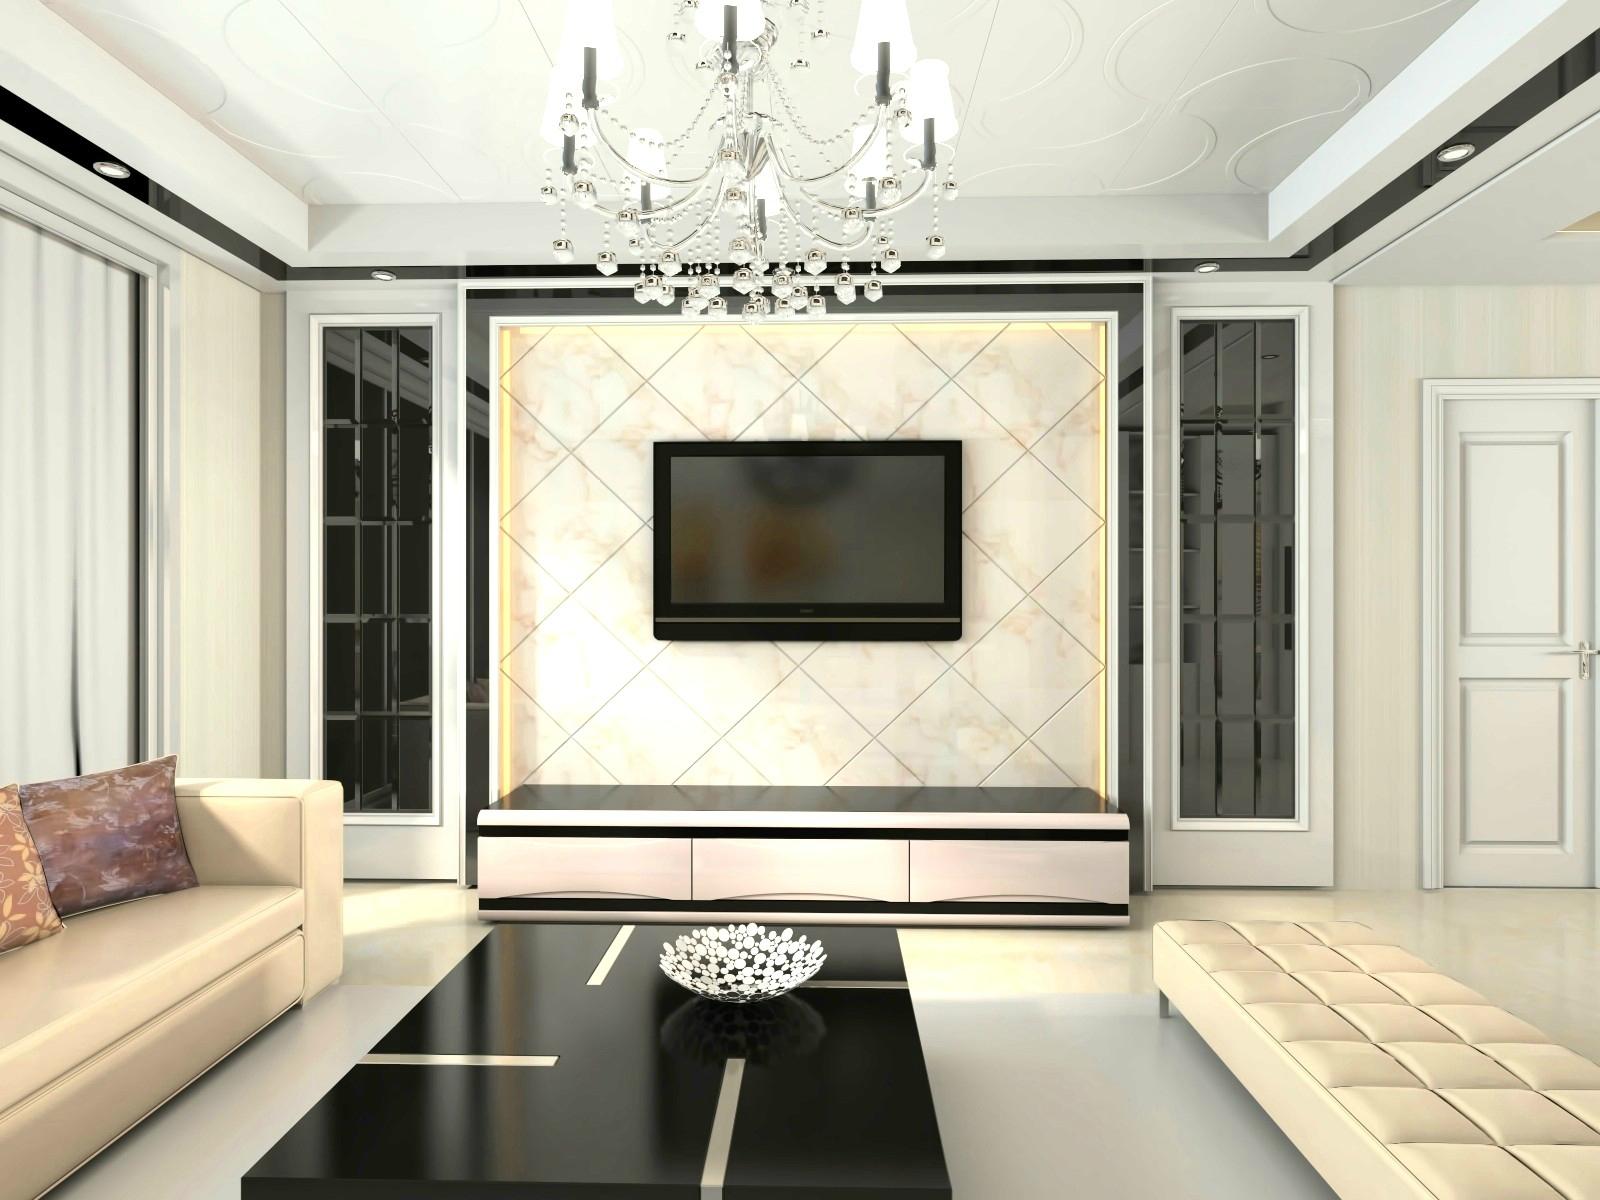 客厅大理石背景墙设计【威客信用从高到低】